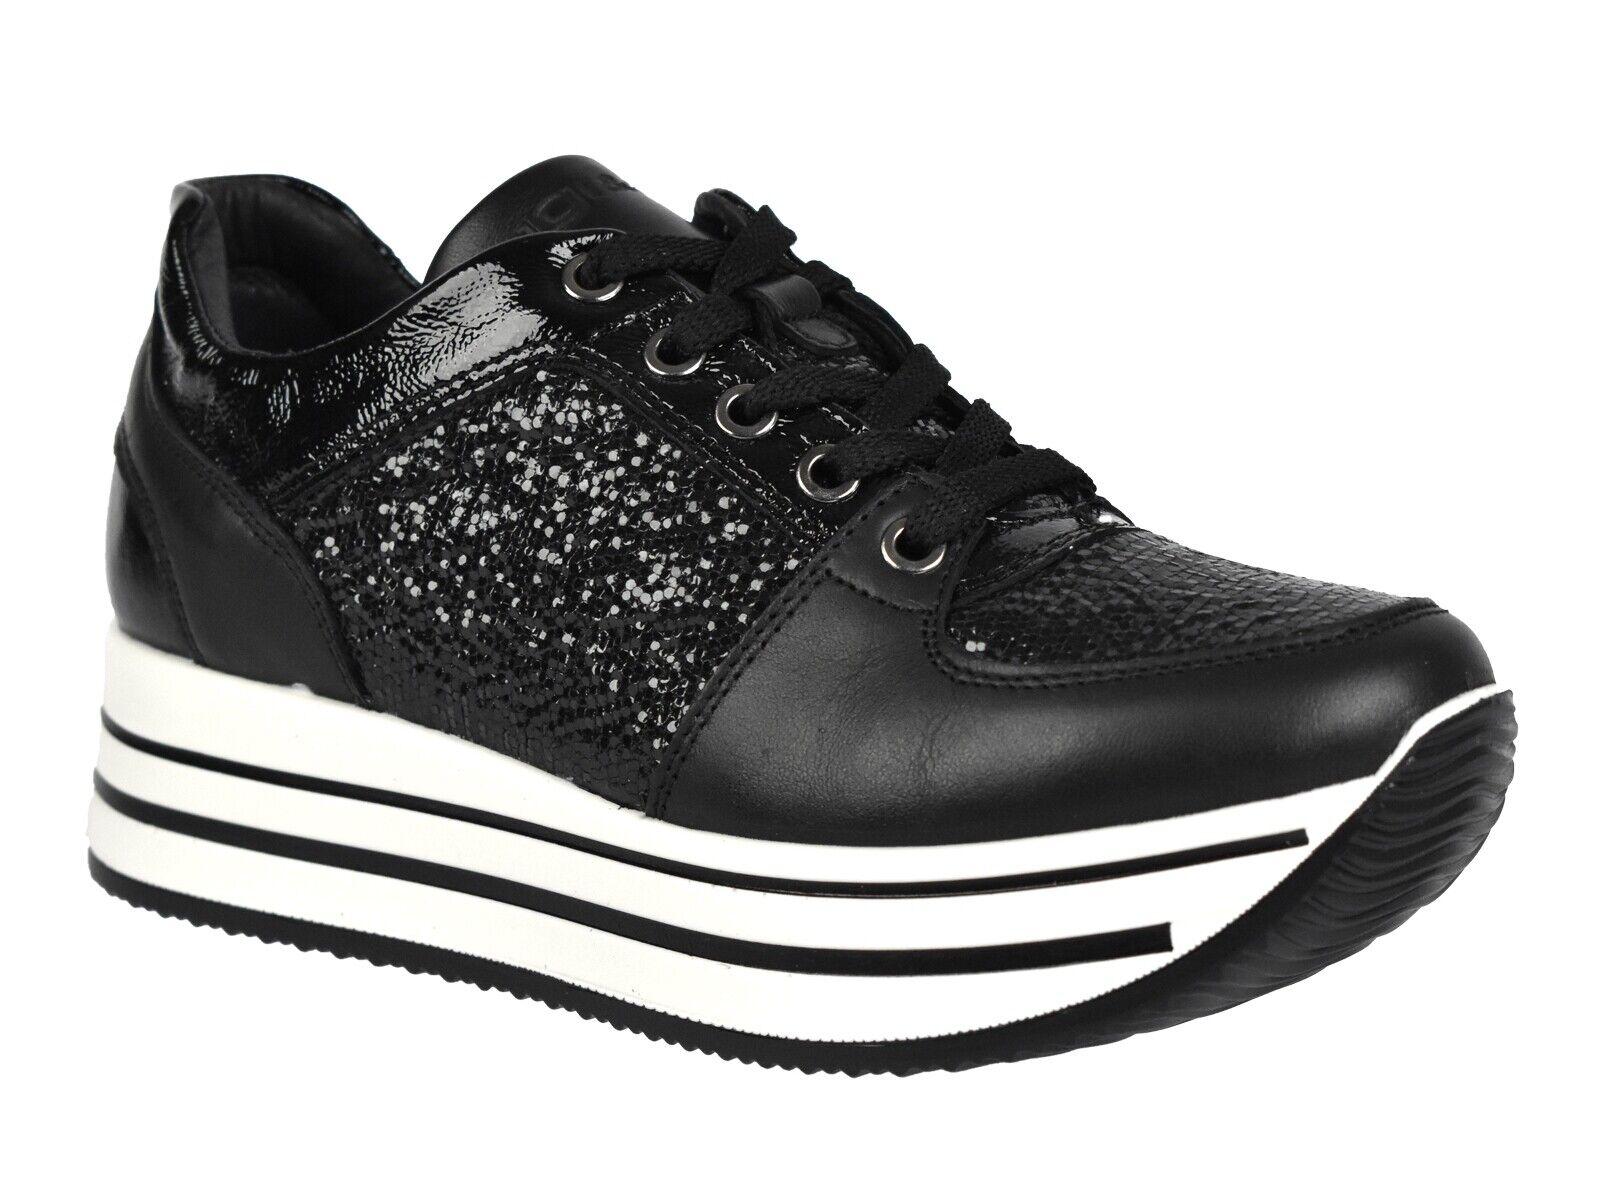 Crazy NEU Light adidas SALE Turnschuhe Trainer Schuhe 65533